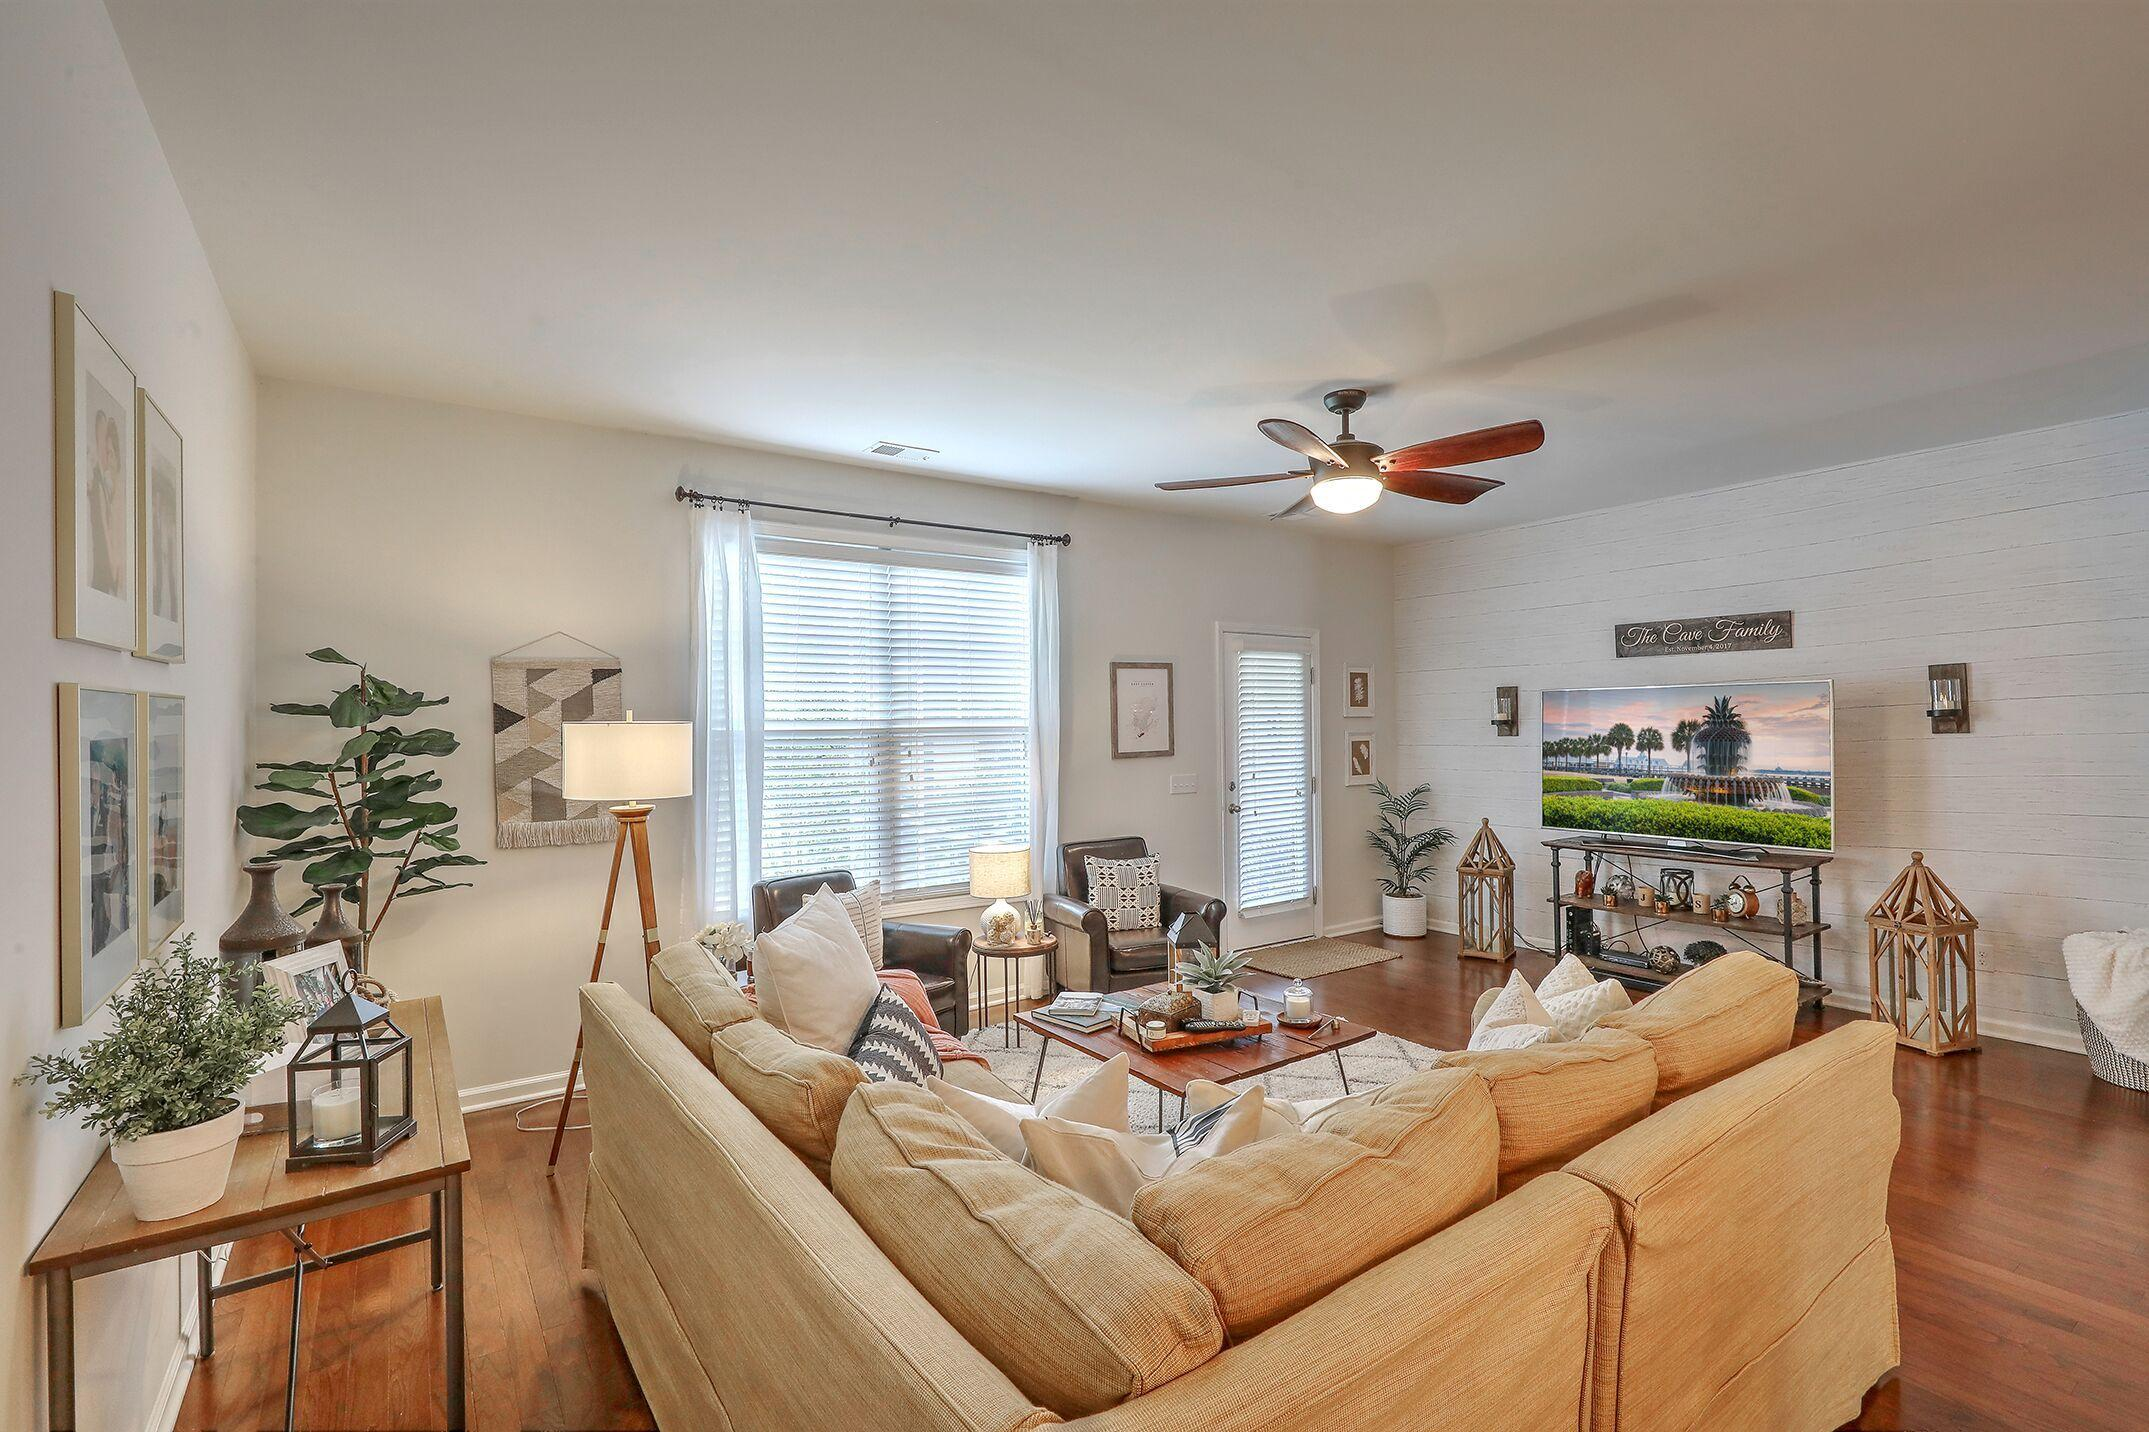 Park West Homes For Sale - 1819 Chauncys, Mount Pleasant, SC - 15